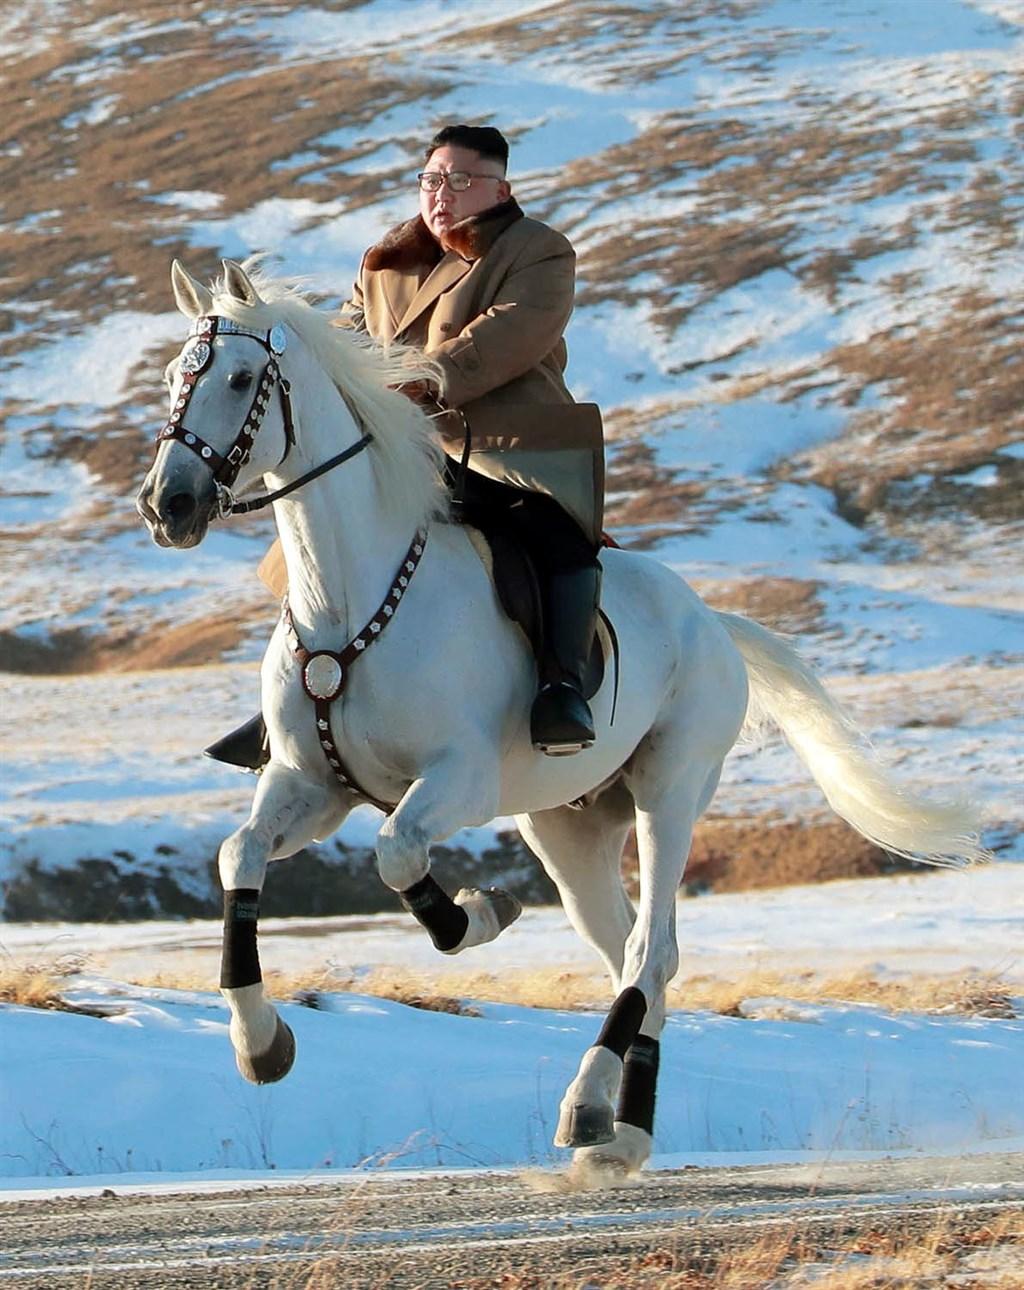 外媒報導,近日來行蹤成謎的北韓領導人金正恩(圖)是因隨扈感染武漢肺炎,才轉往海邊度假勝地元山市走避。(檔案照片/共同社提供)